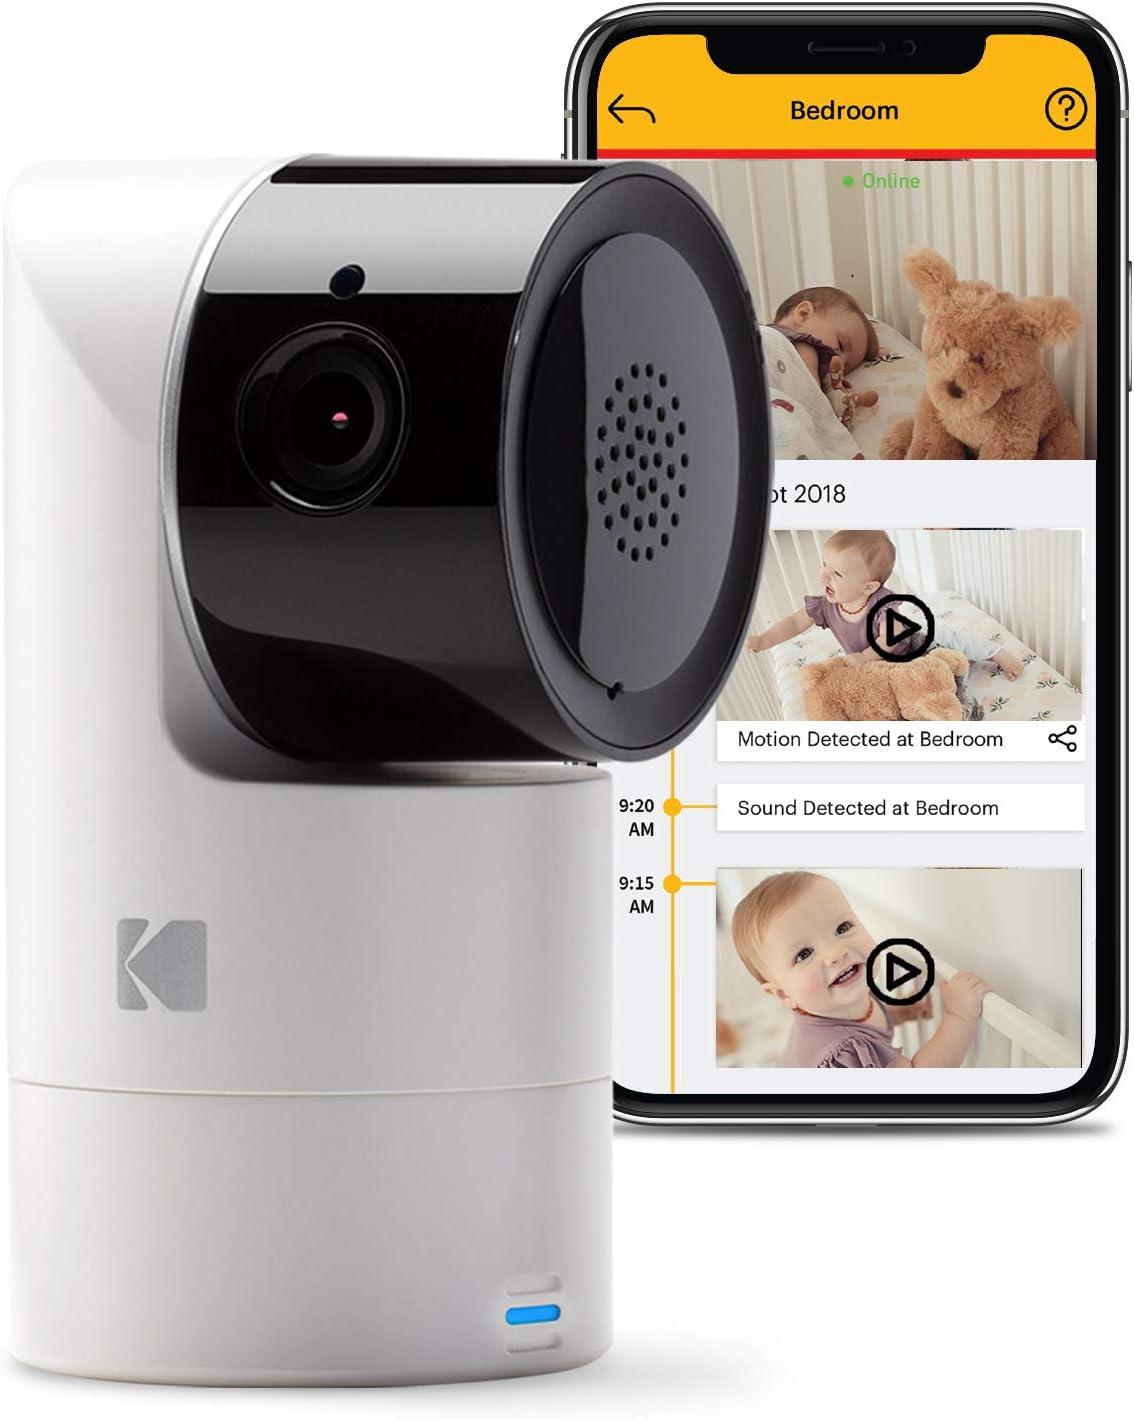 Cámara para bebés inteligente KODAK Cherish C125 con app móvil - Cámara para bebés de alta resolución con zoom remoto, audio bidireccional, visión nocturna, largo alcance